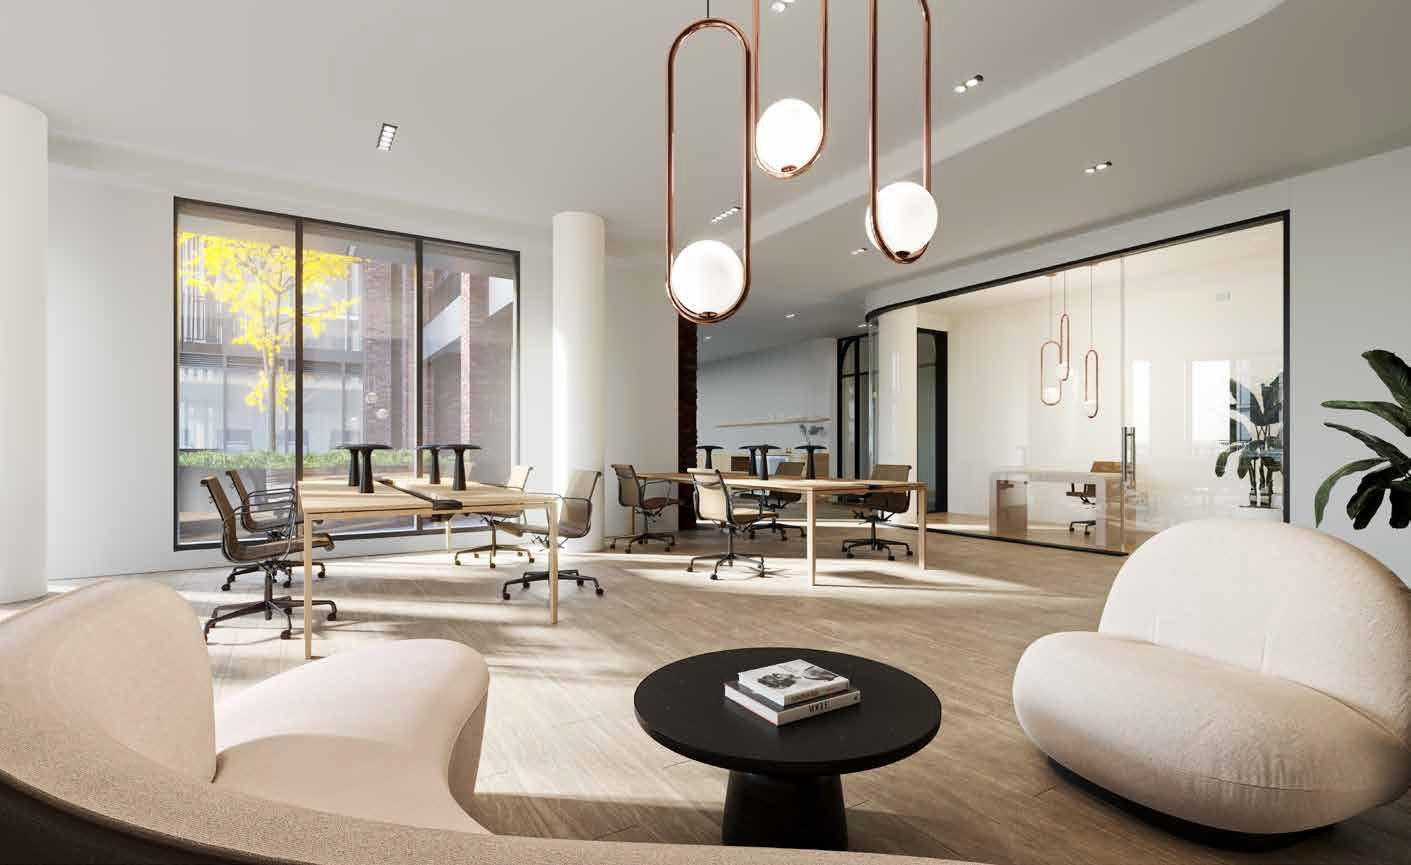 GalleriaIII_Lounge